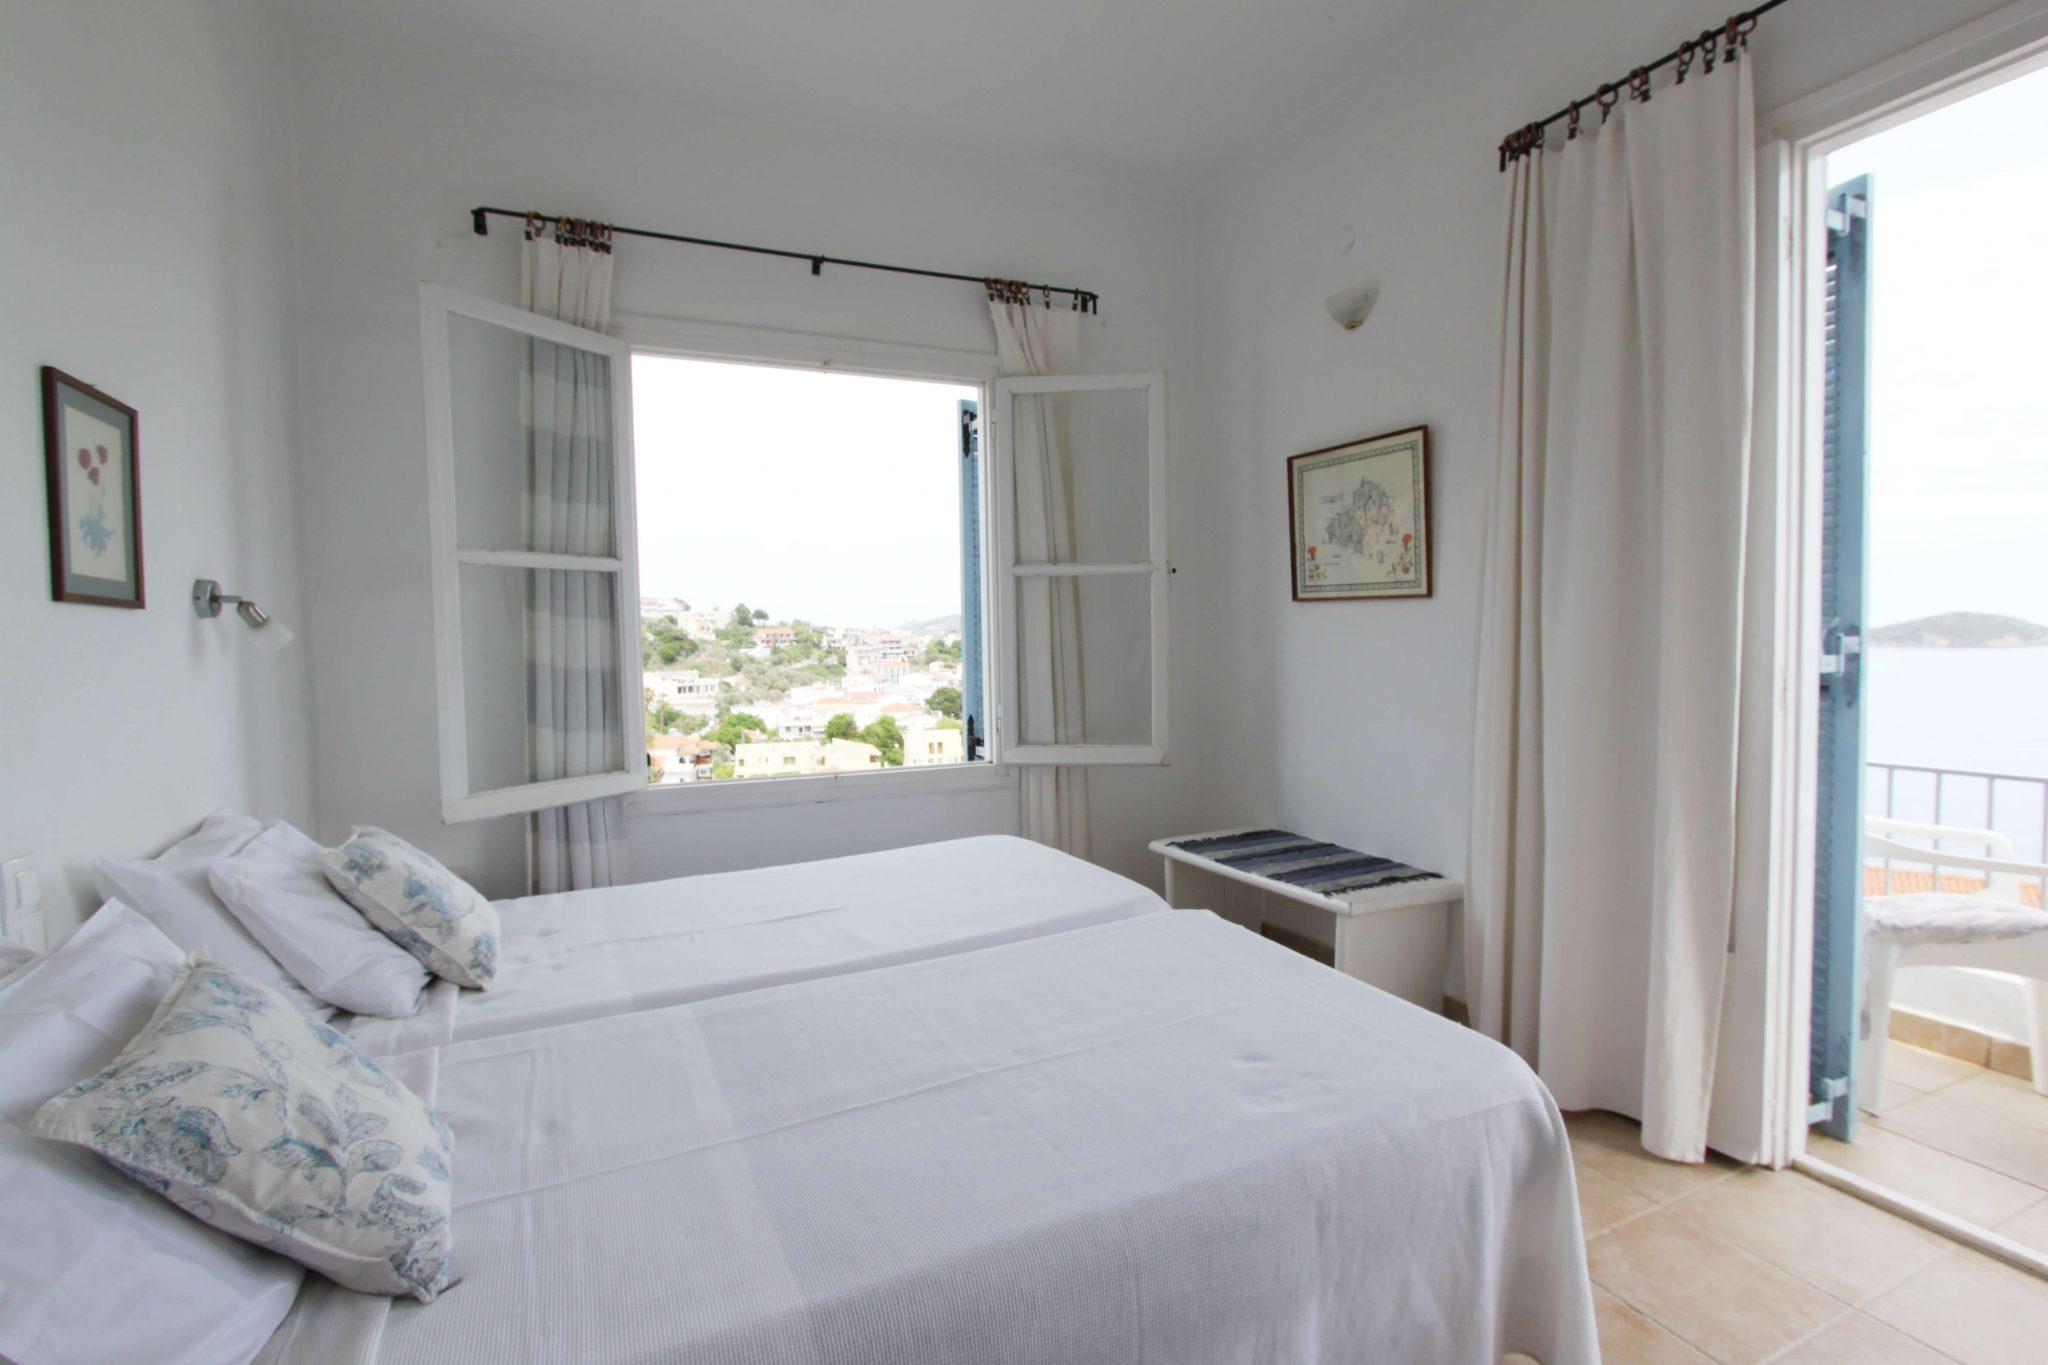 Suite 4 bedroom4